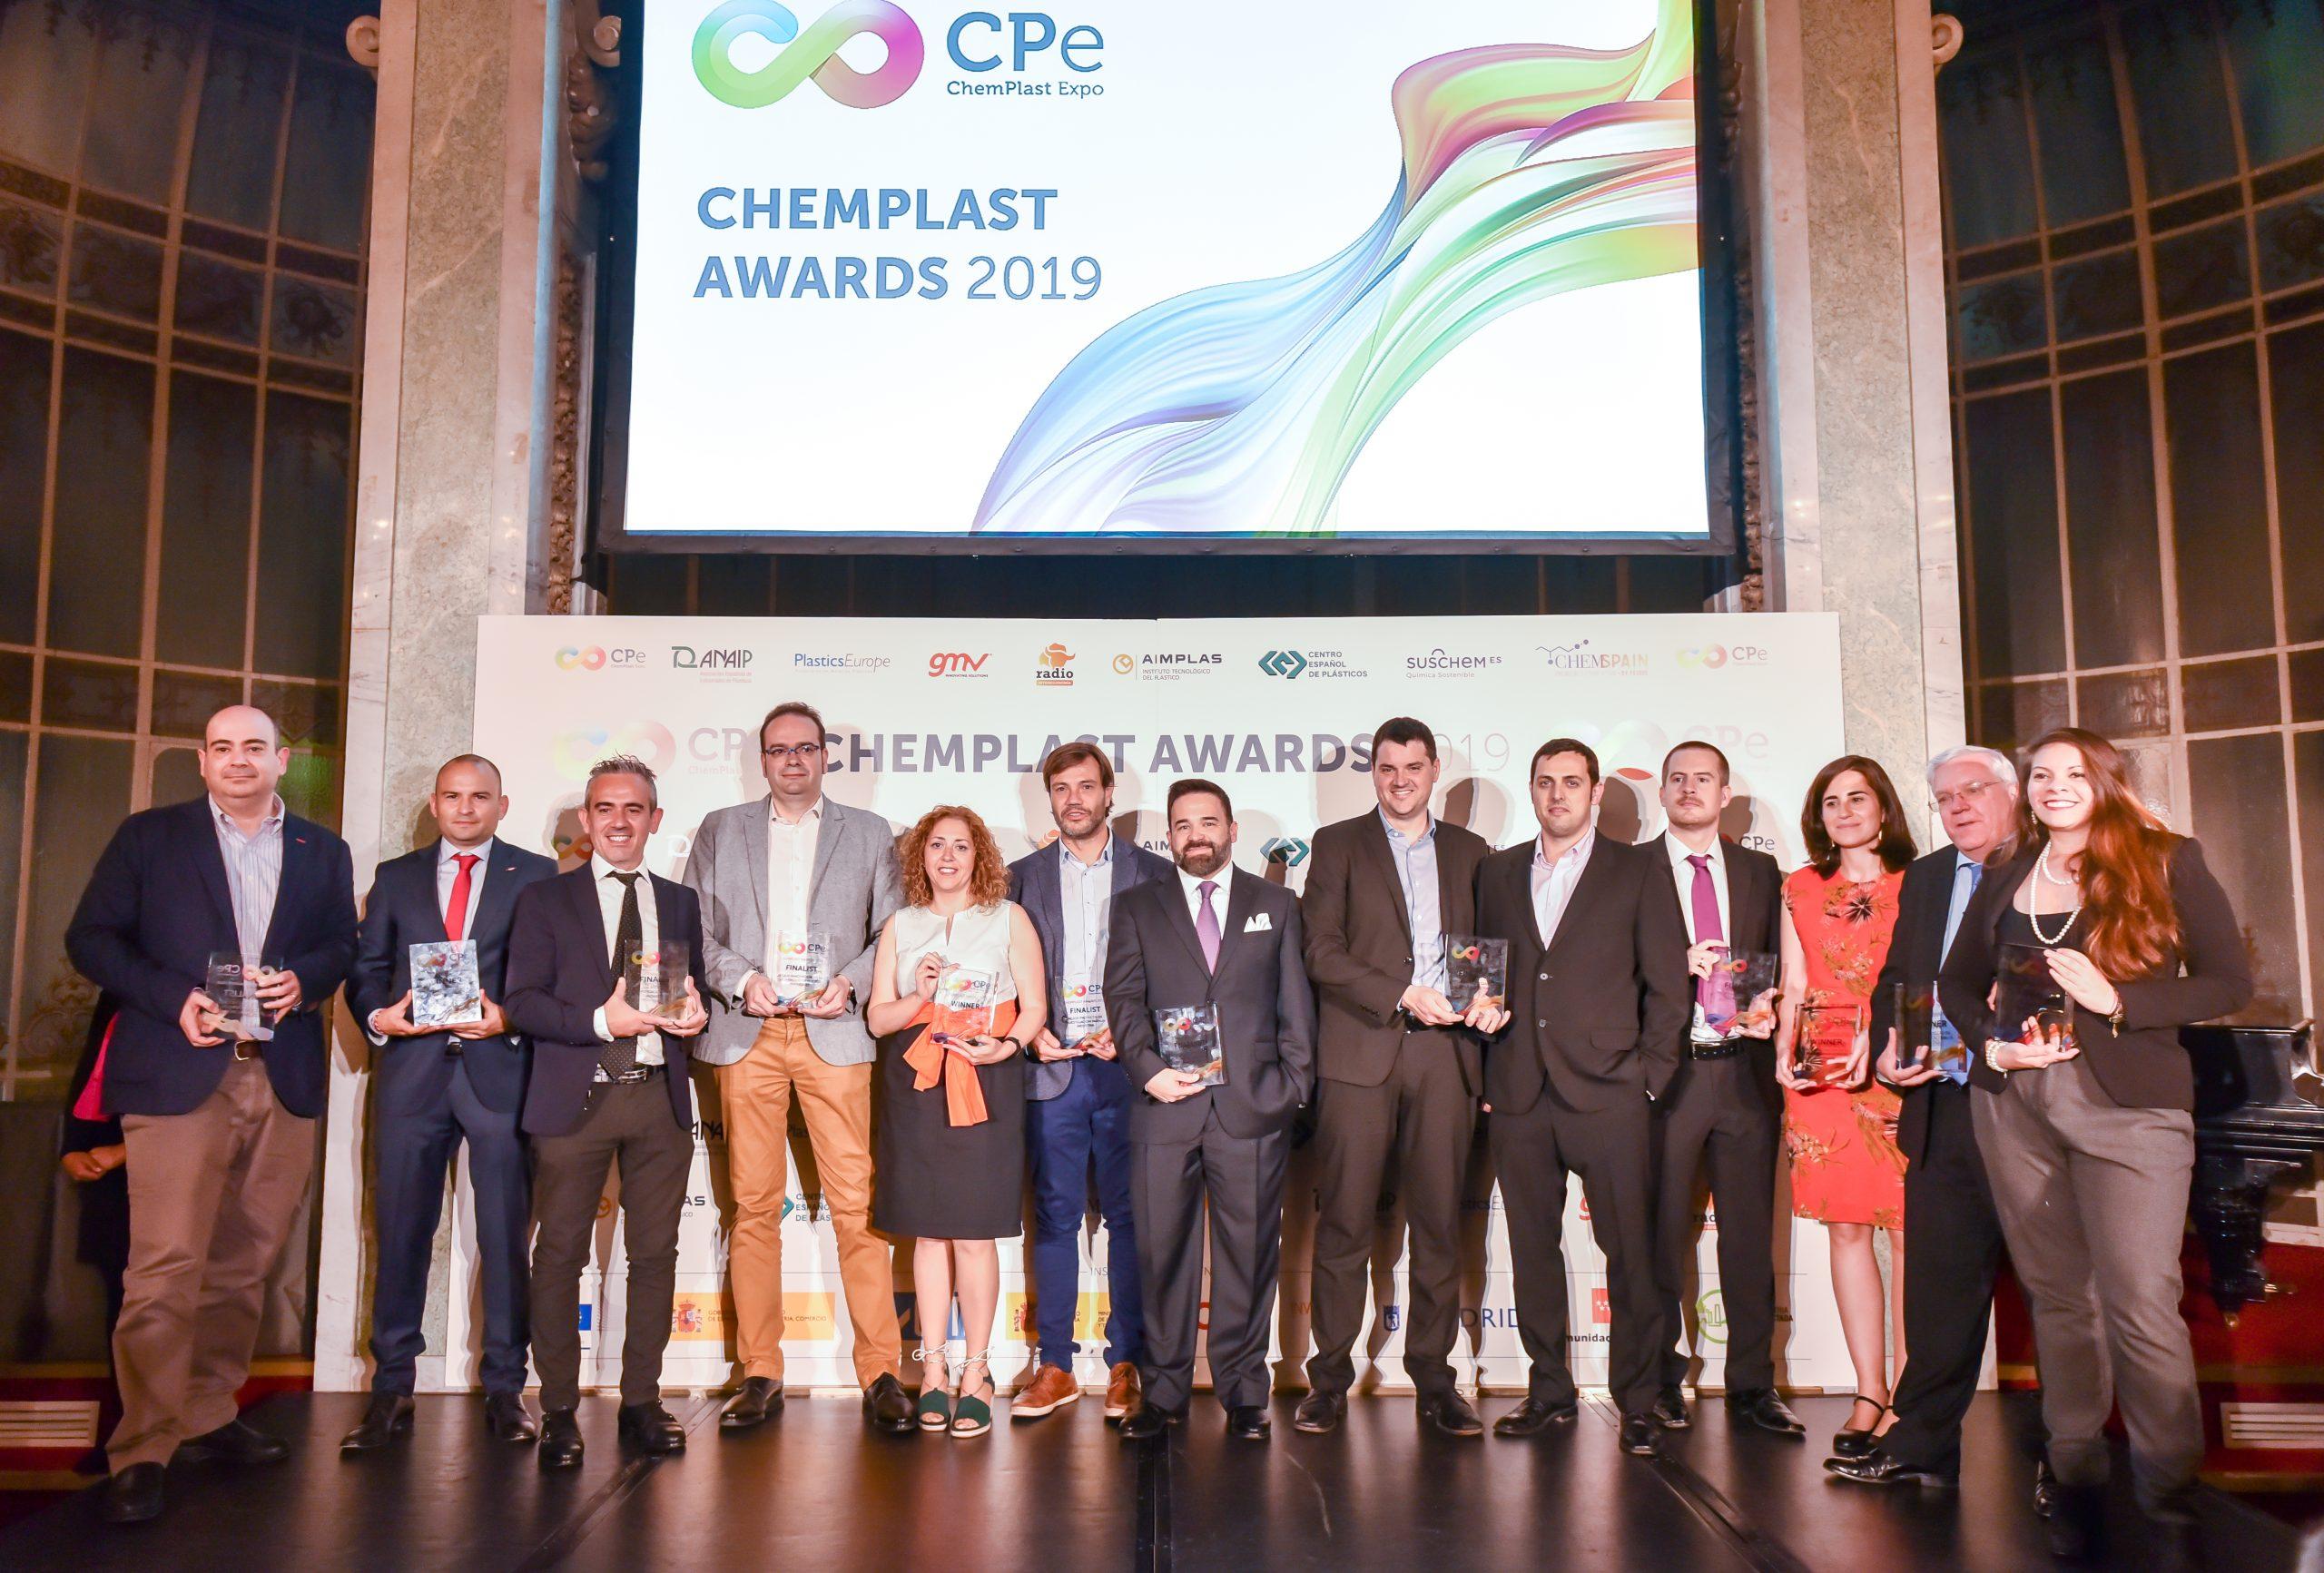 Los ChemPlast Awards 2021 reconocerán la excelencia en sostenibilidad, nuevos materiales y economía circular